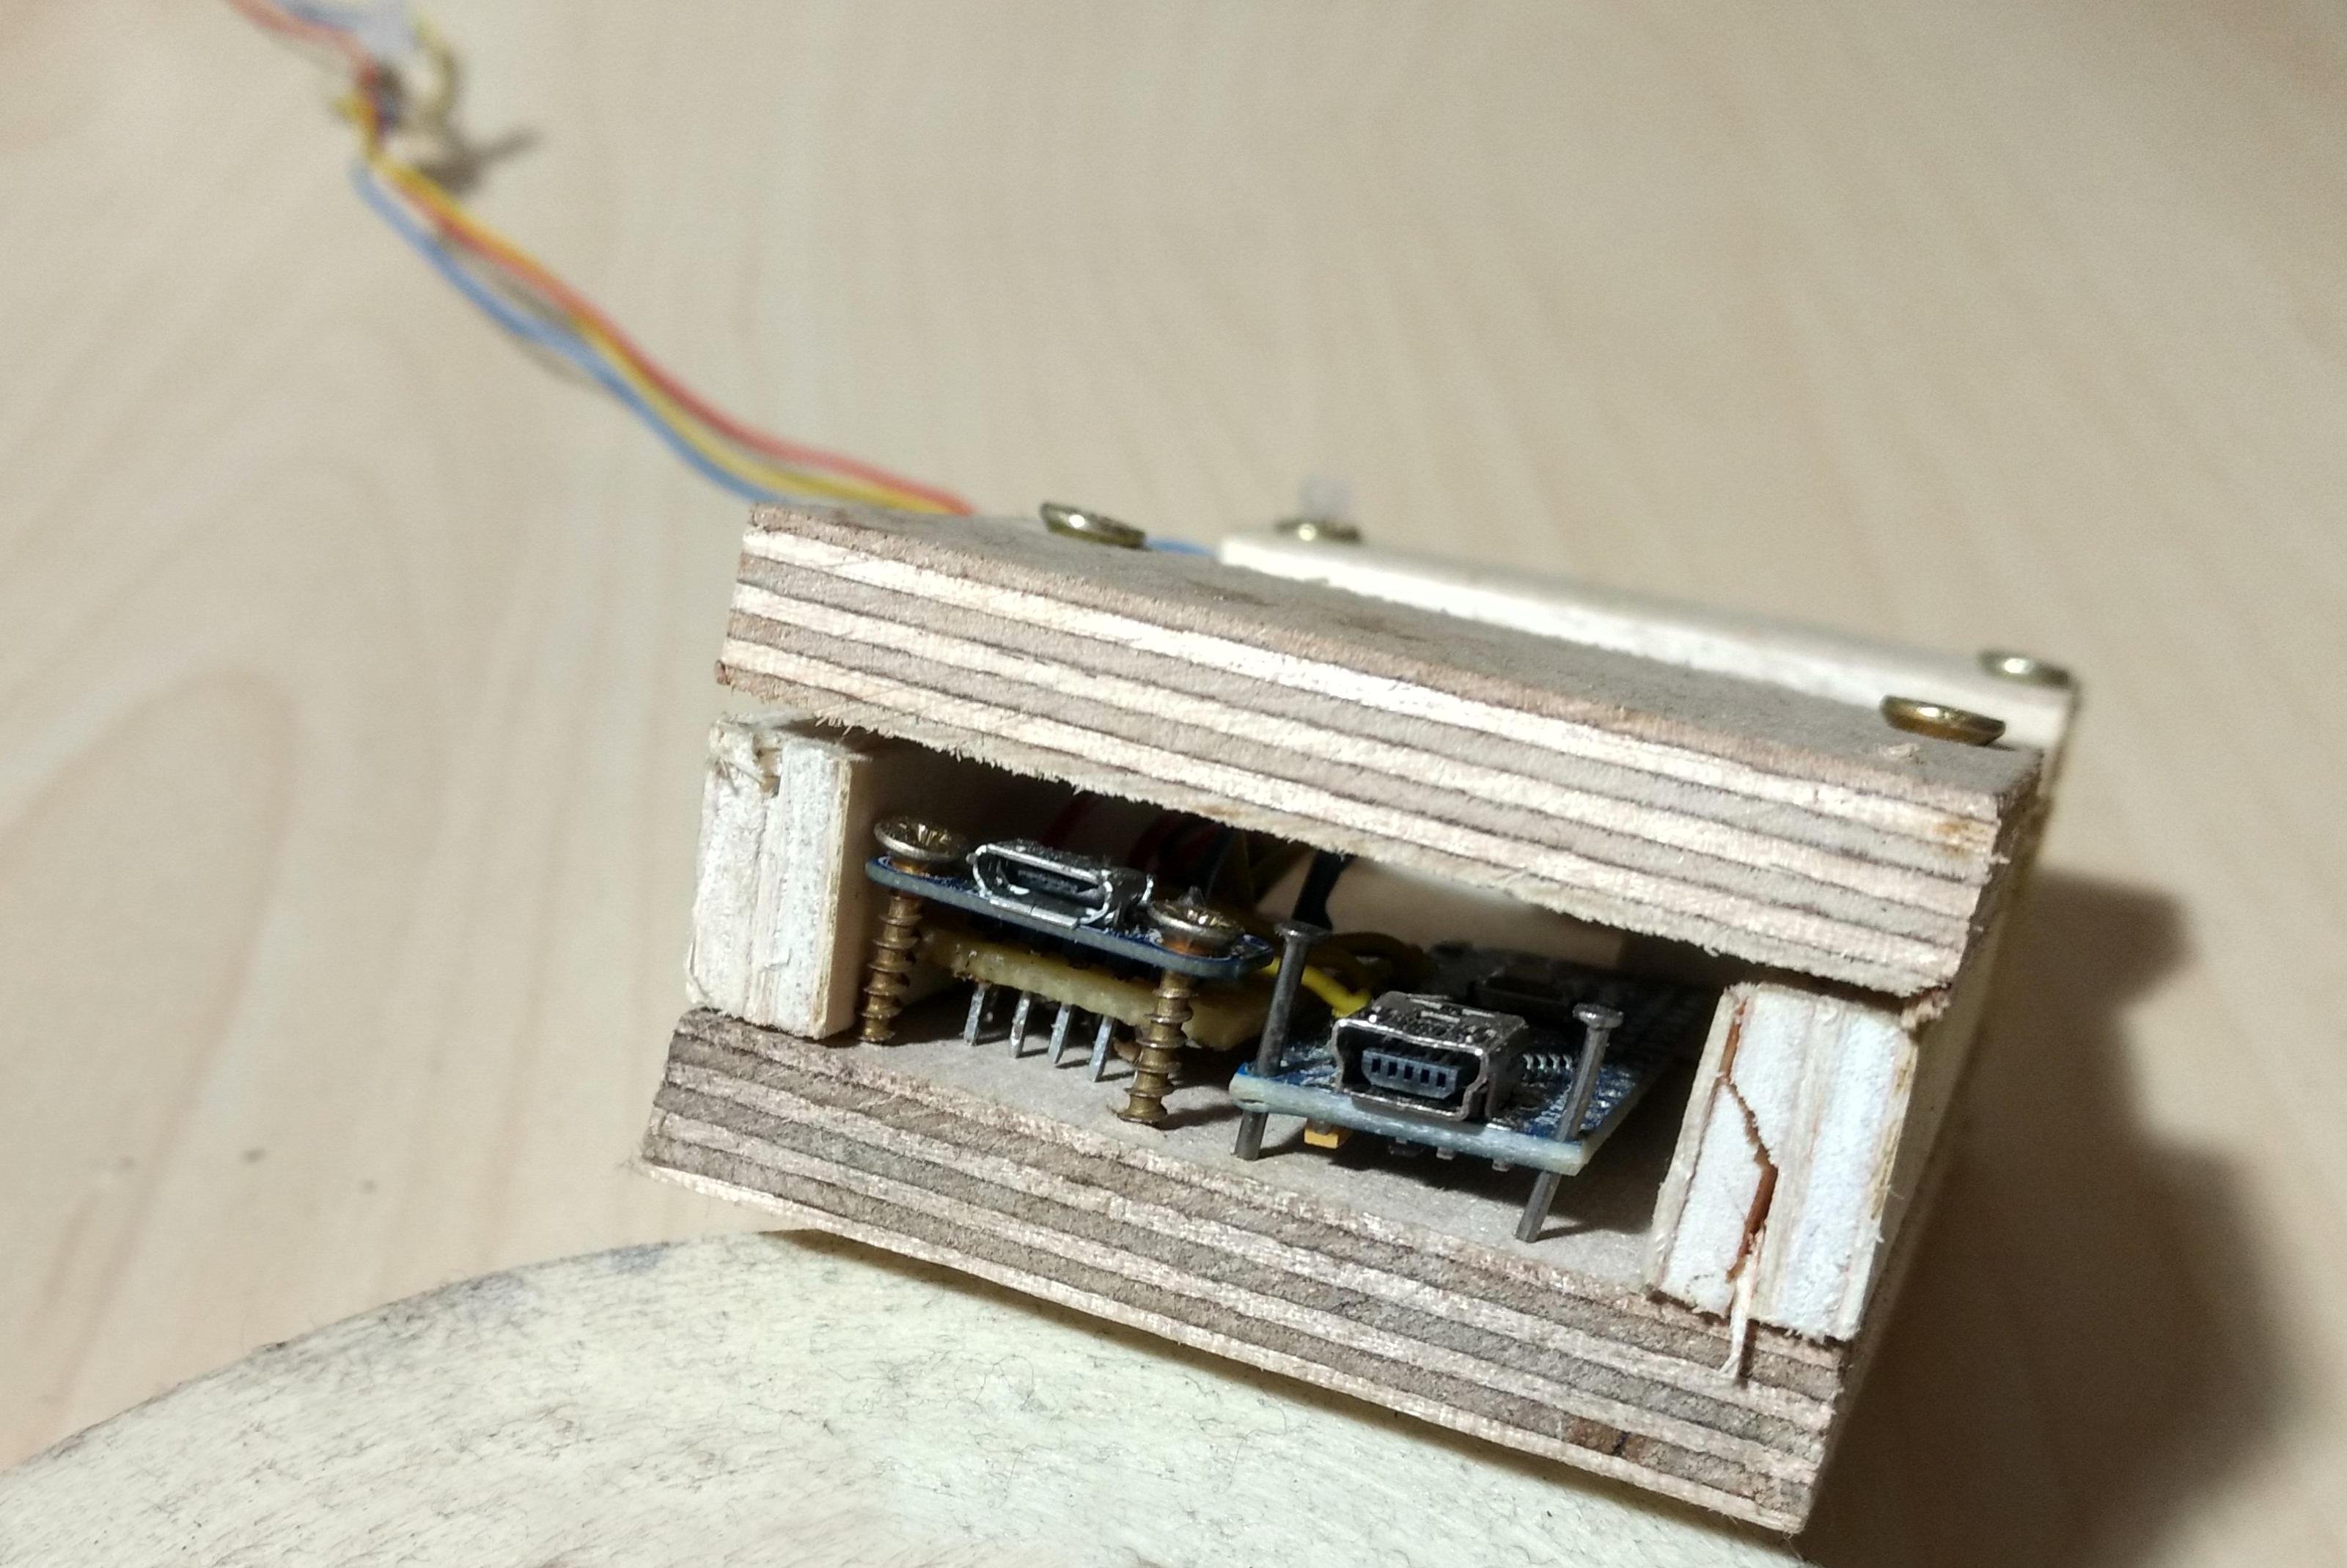 Arduino mit zusätzlichem Micro Usb Port